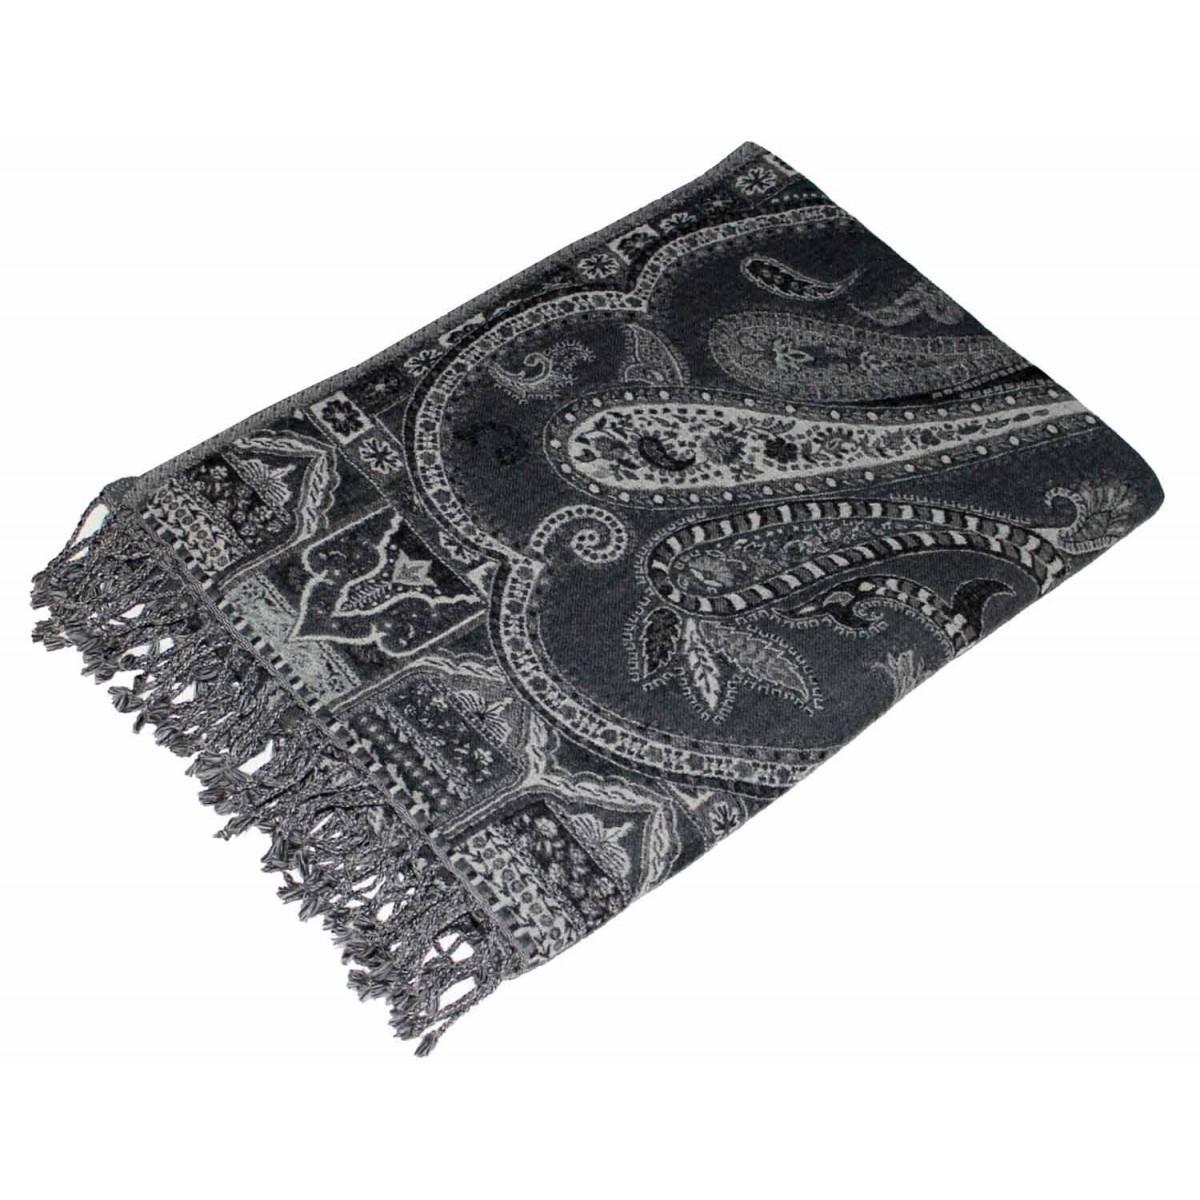 Schal Krawatte Decken Der Online Shop Flauschige Wolldecke